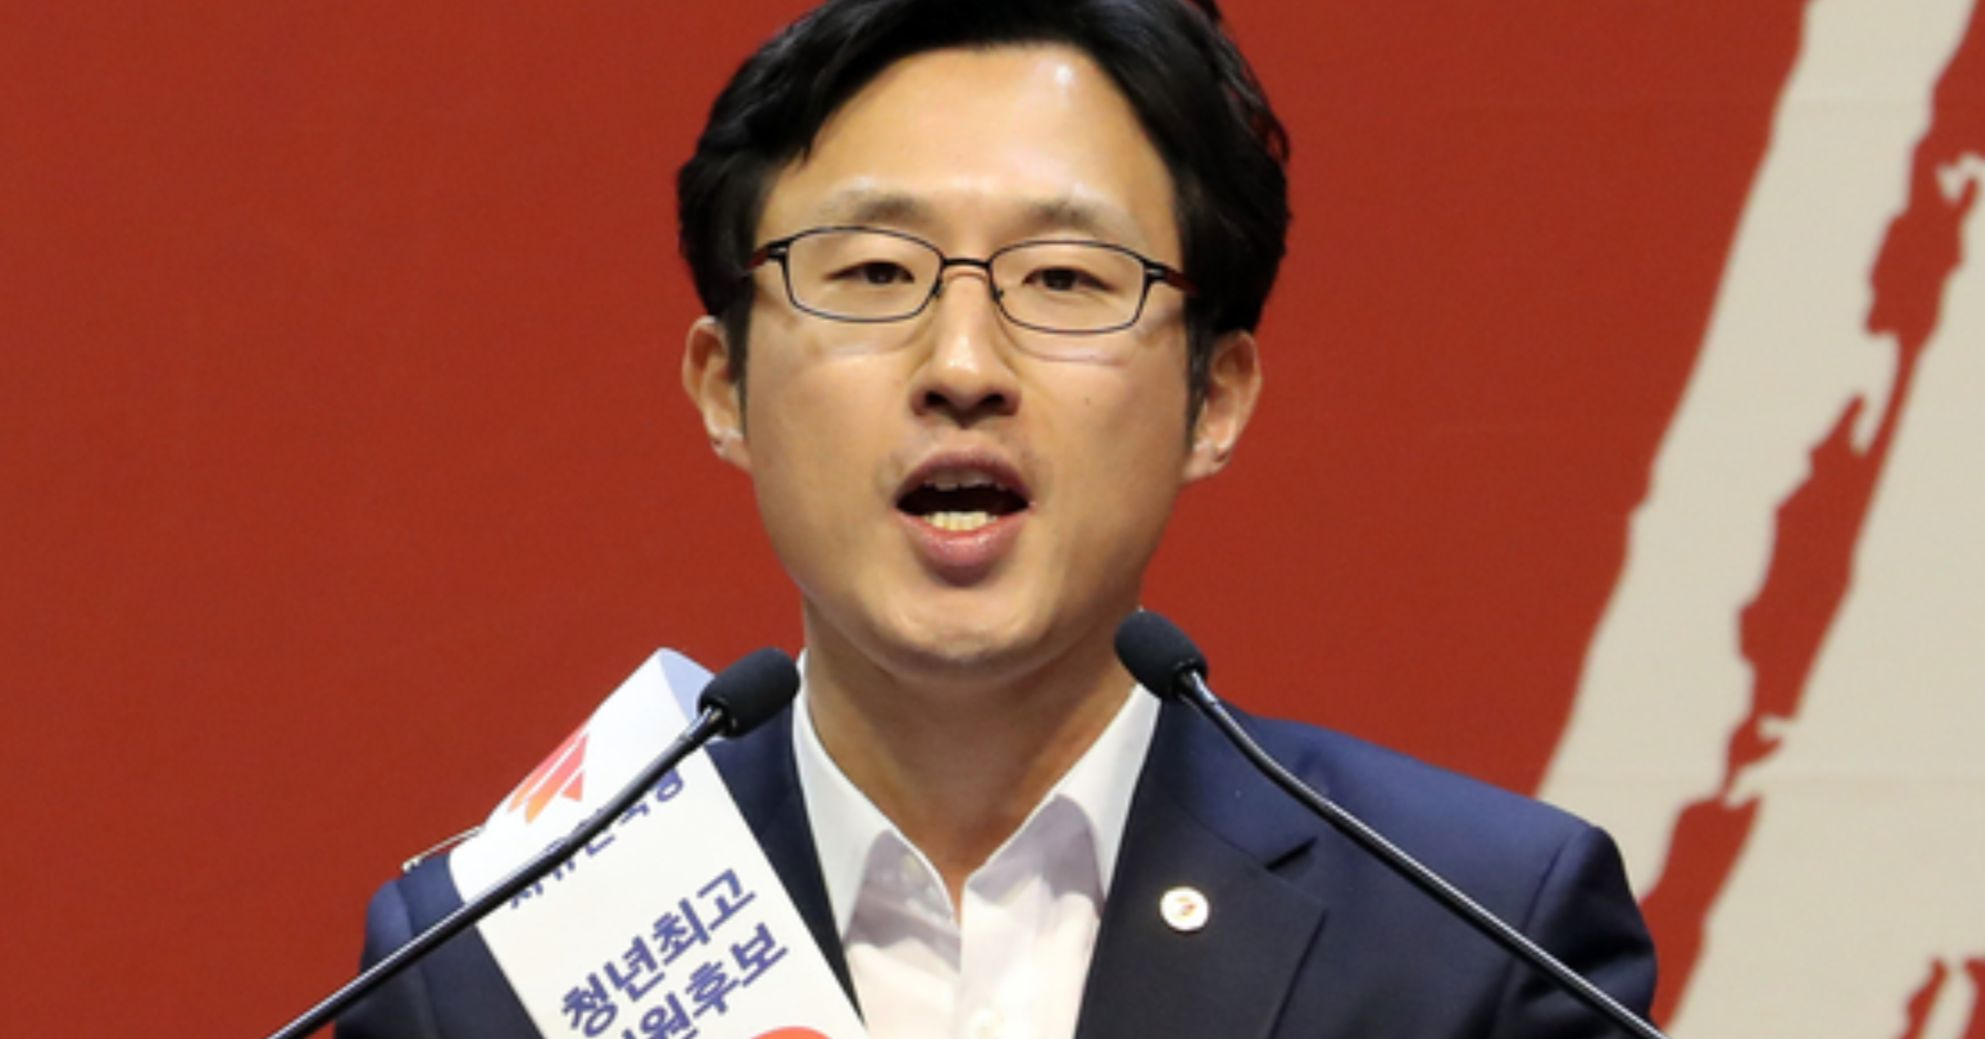 김준교 자유한국당 청년최고위원 후보. [뉴시스]